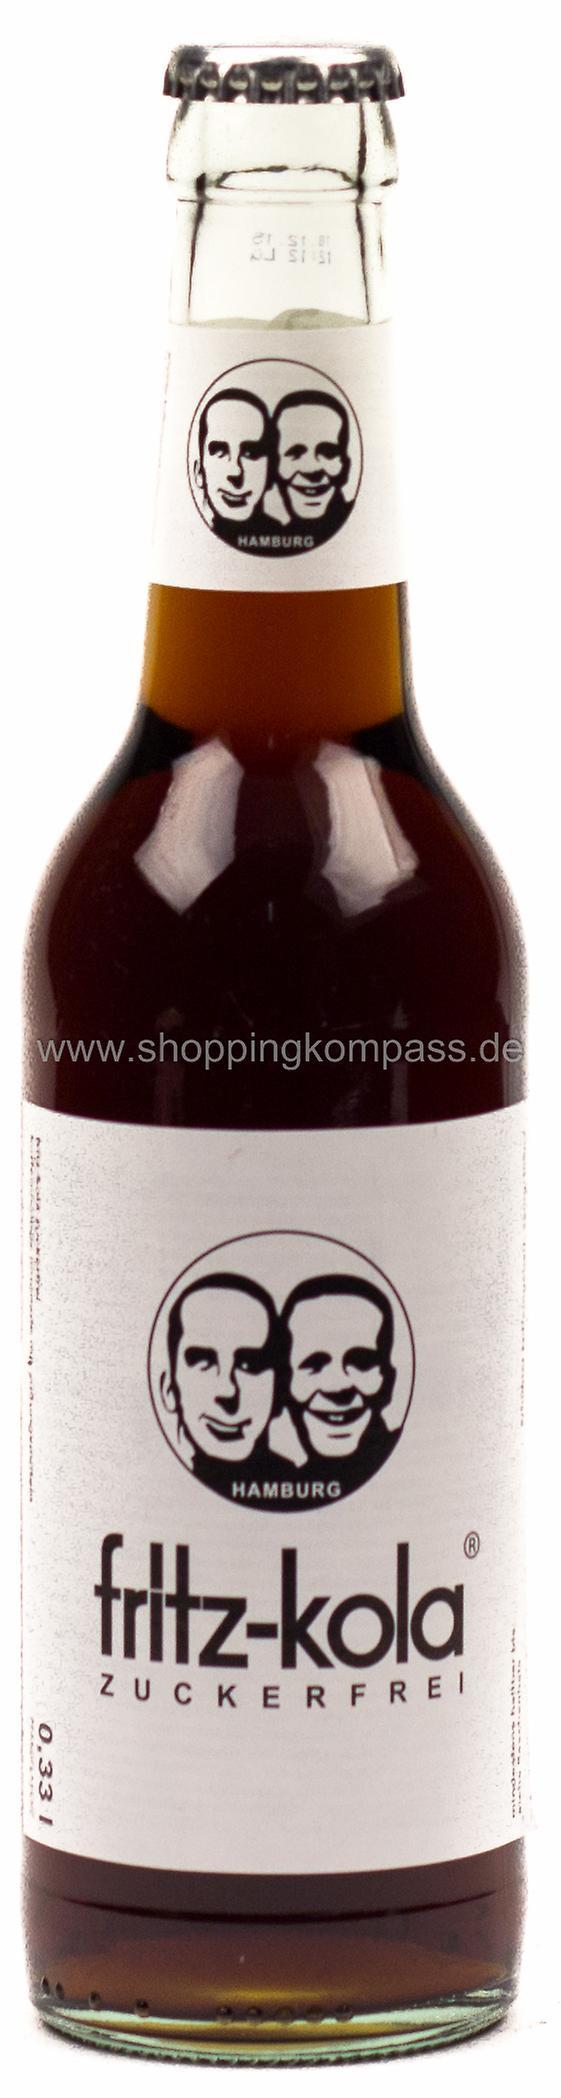 Cola & Colamixgetränke - Fritz Kola Zuckerfrei 0,33 l Glas MW - Ihr ...